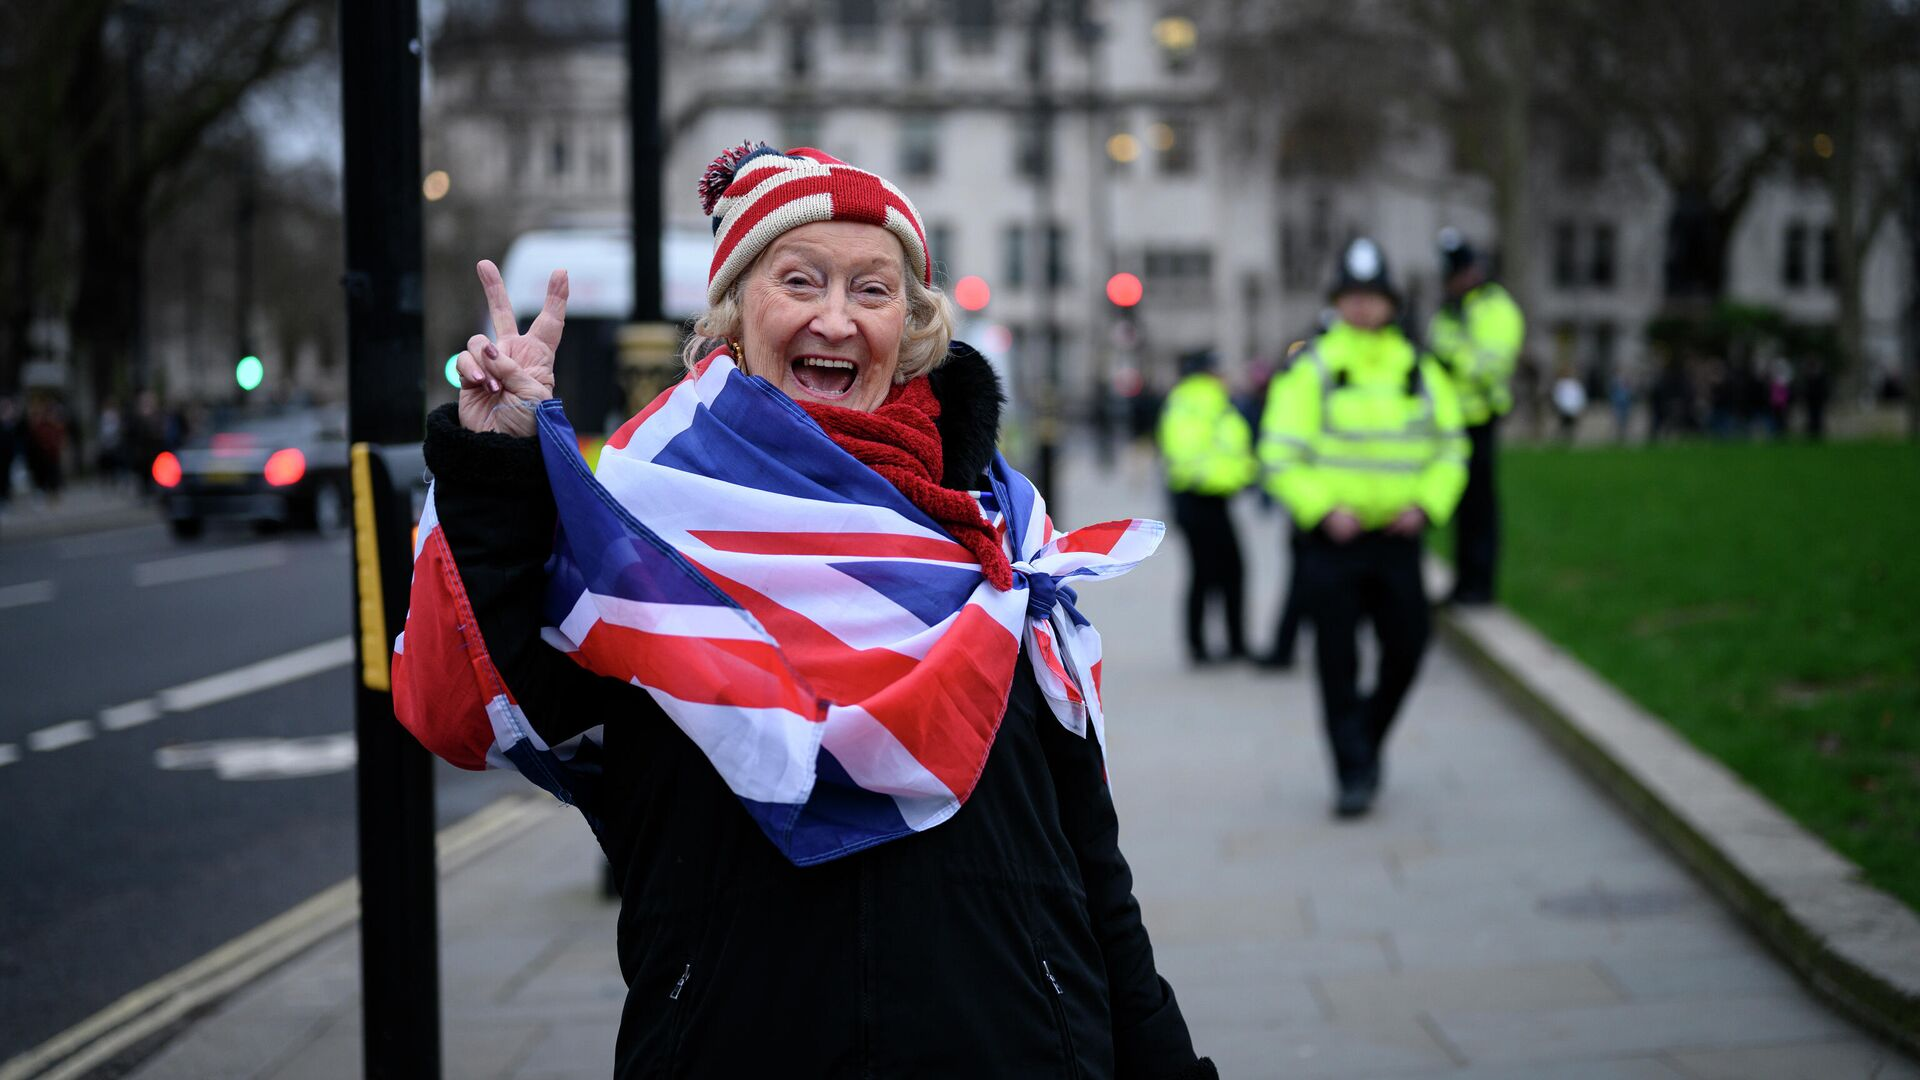 Сторонница Brexit на торжественных мероприятиях, посвященных выходу Великобритании из ЕС (Brexit Party) на площади Парламента в Лондоне - РИА Новости, 1920, 23.12.2020